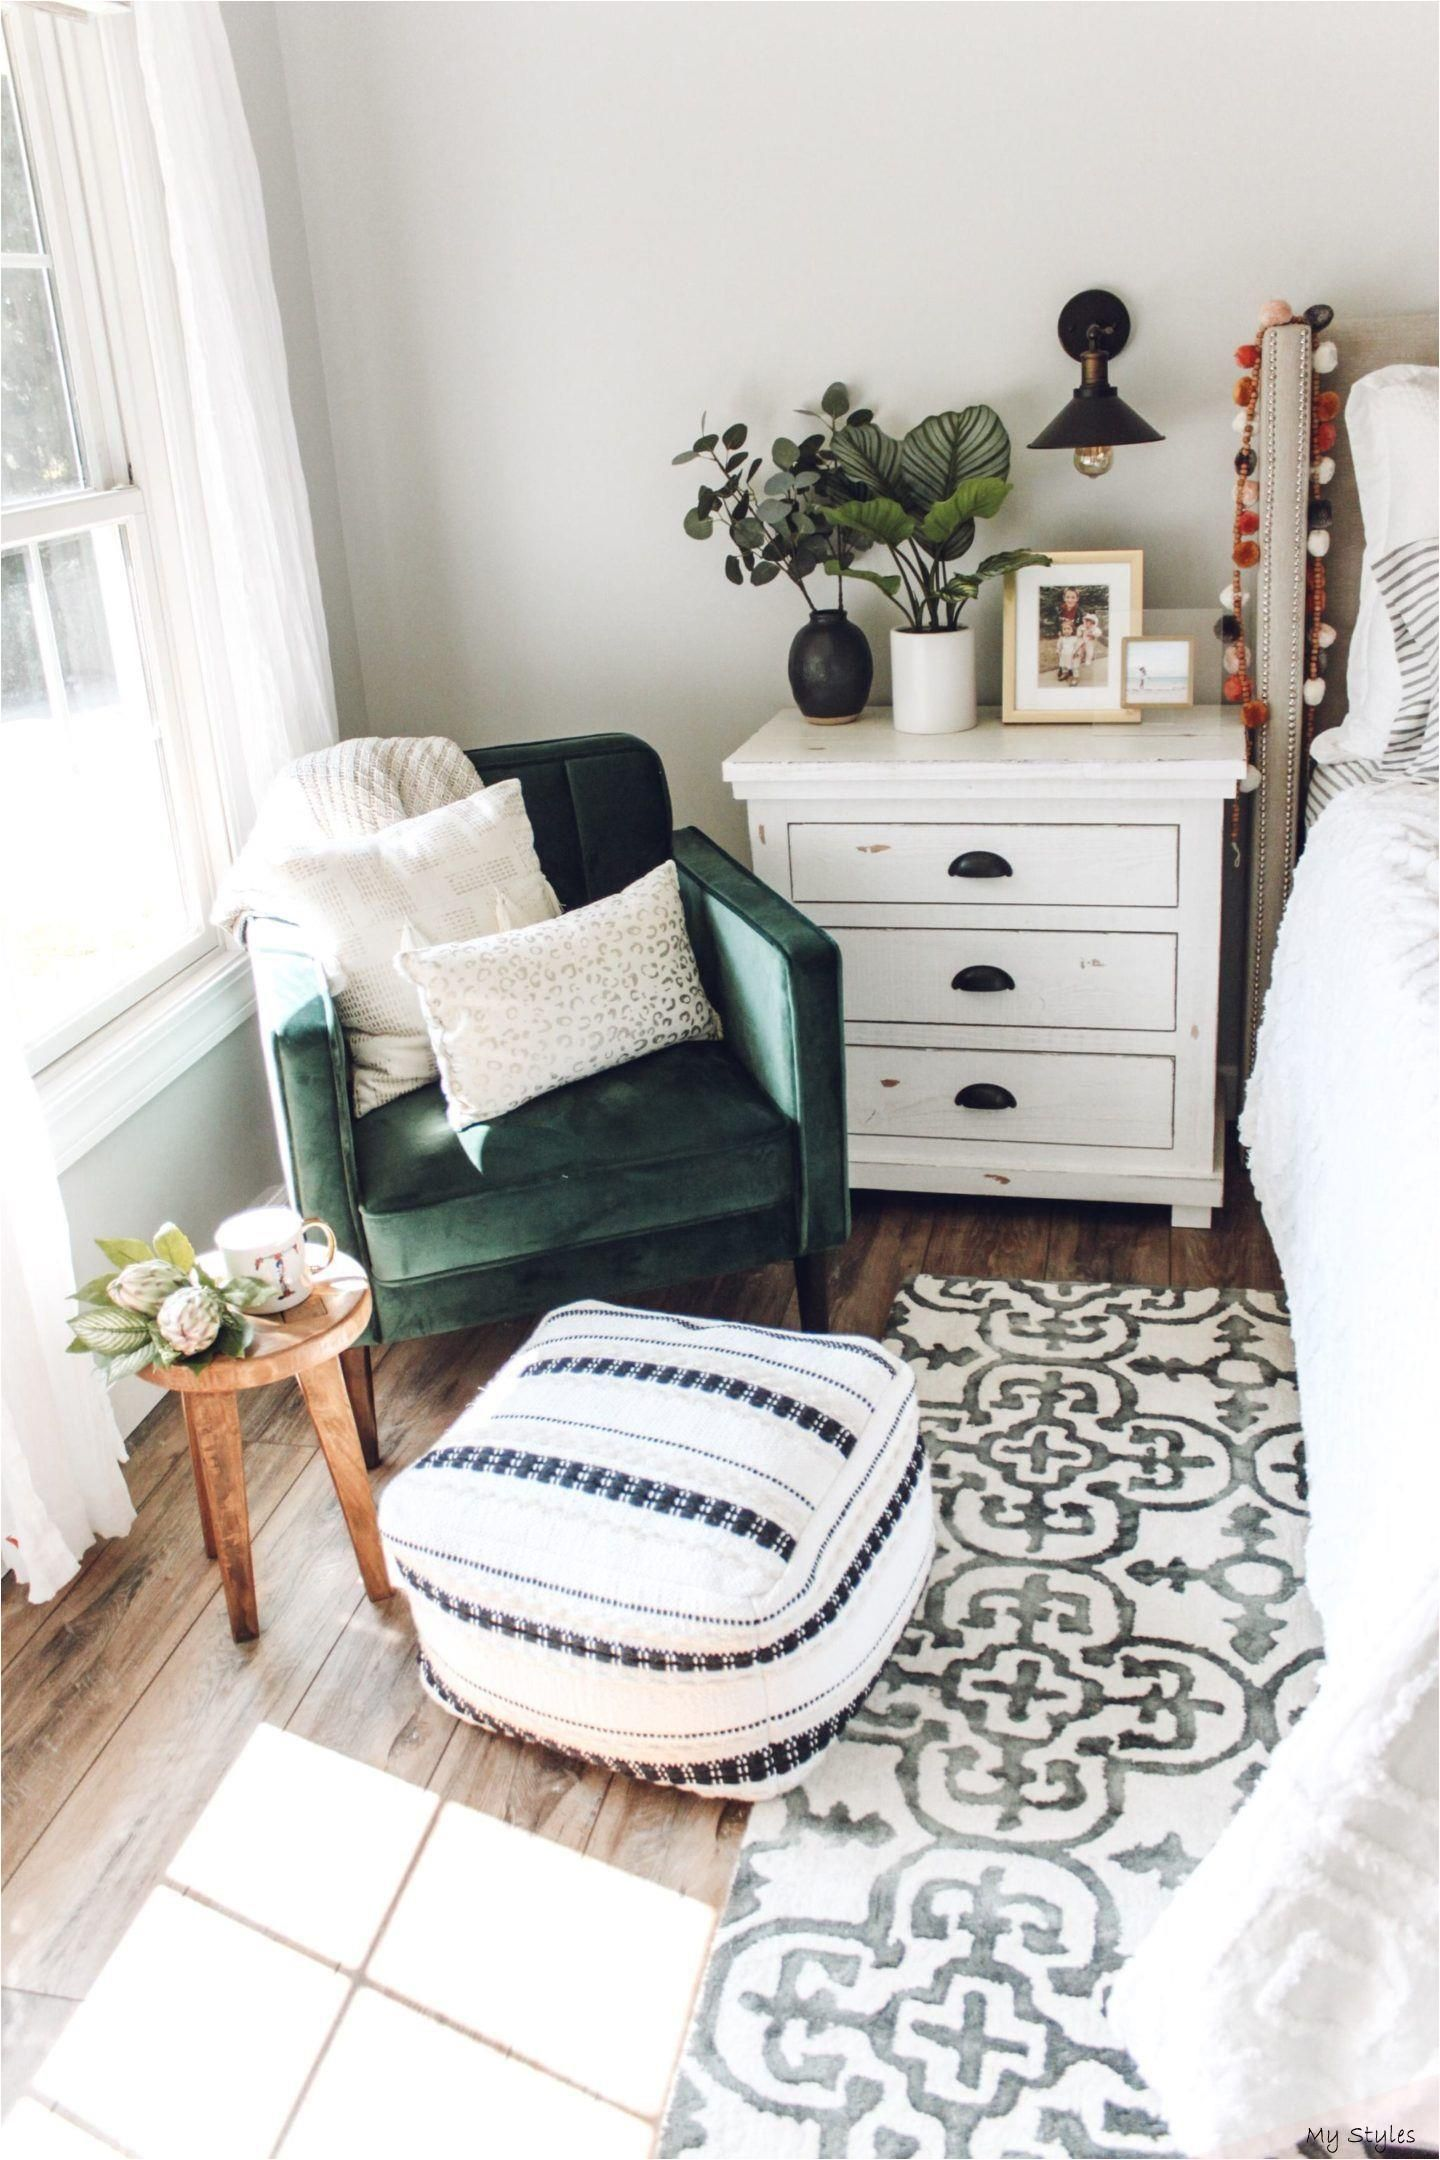 Area Rug, Oushak Rug, Turkish Rug, Vintage Rug, floral Rug, tribal Rug, carpet kilims Rug, Living room Rug, oriental rug,  3'9' ft x 8'0' ft